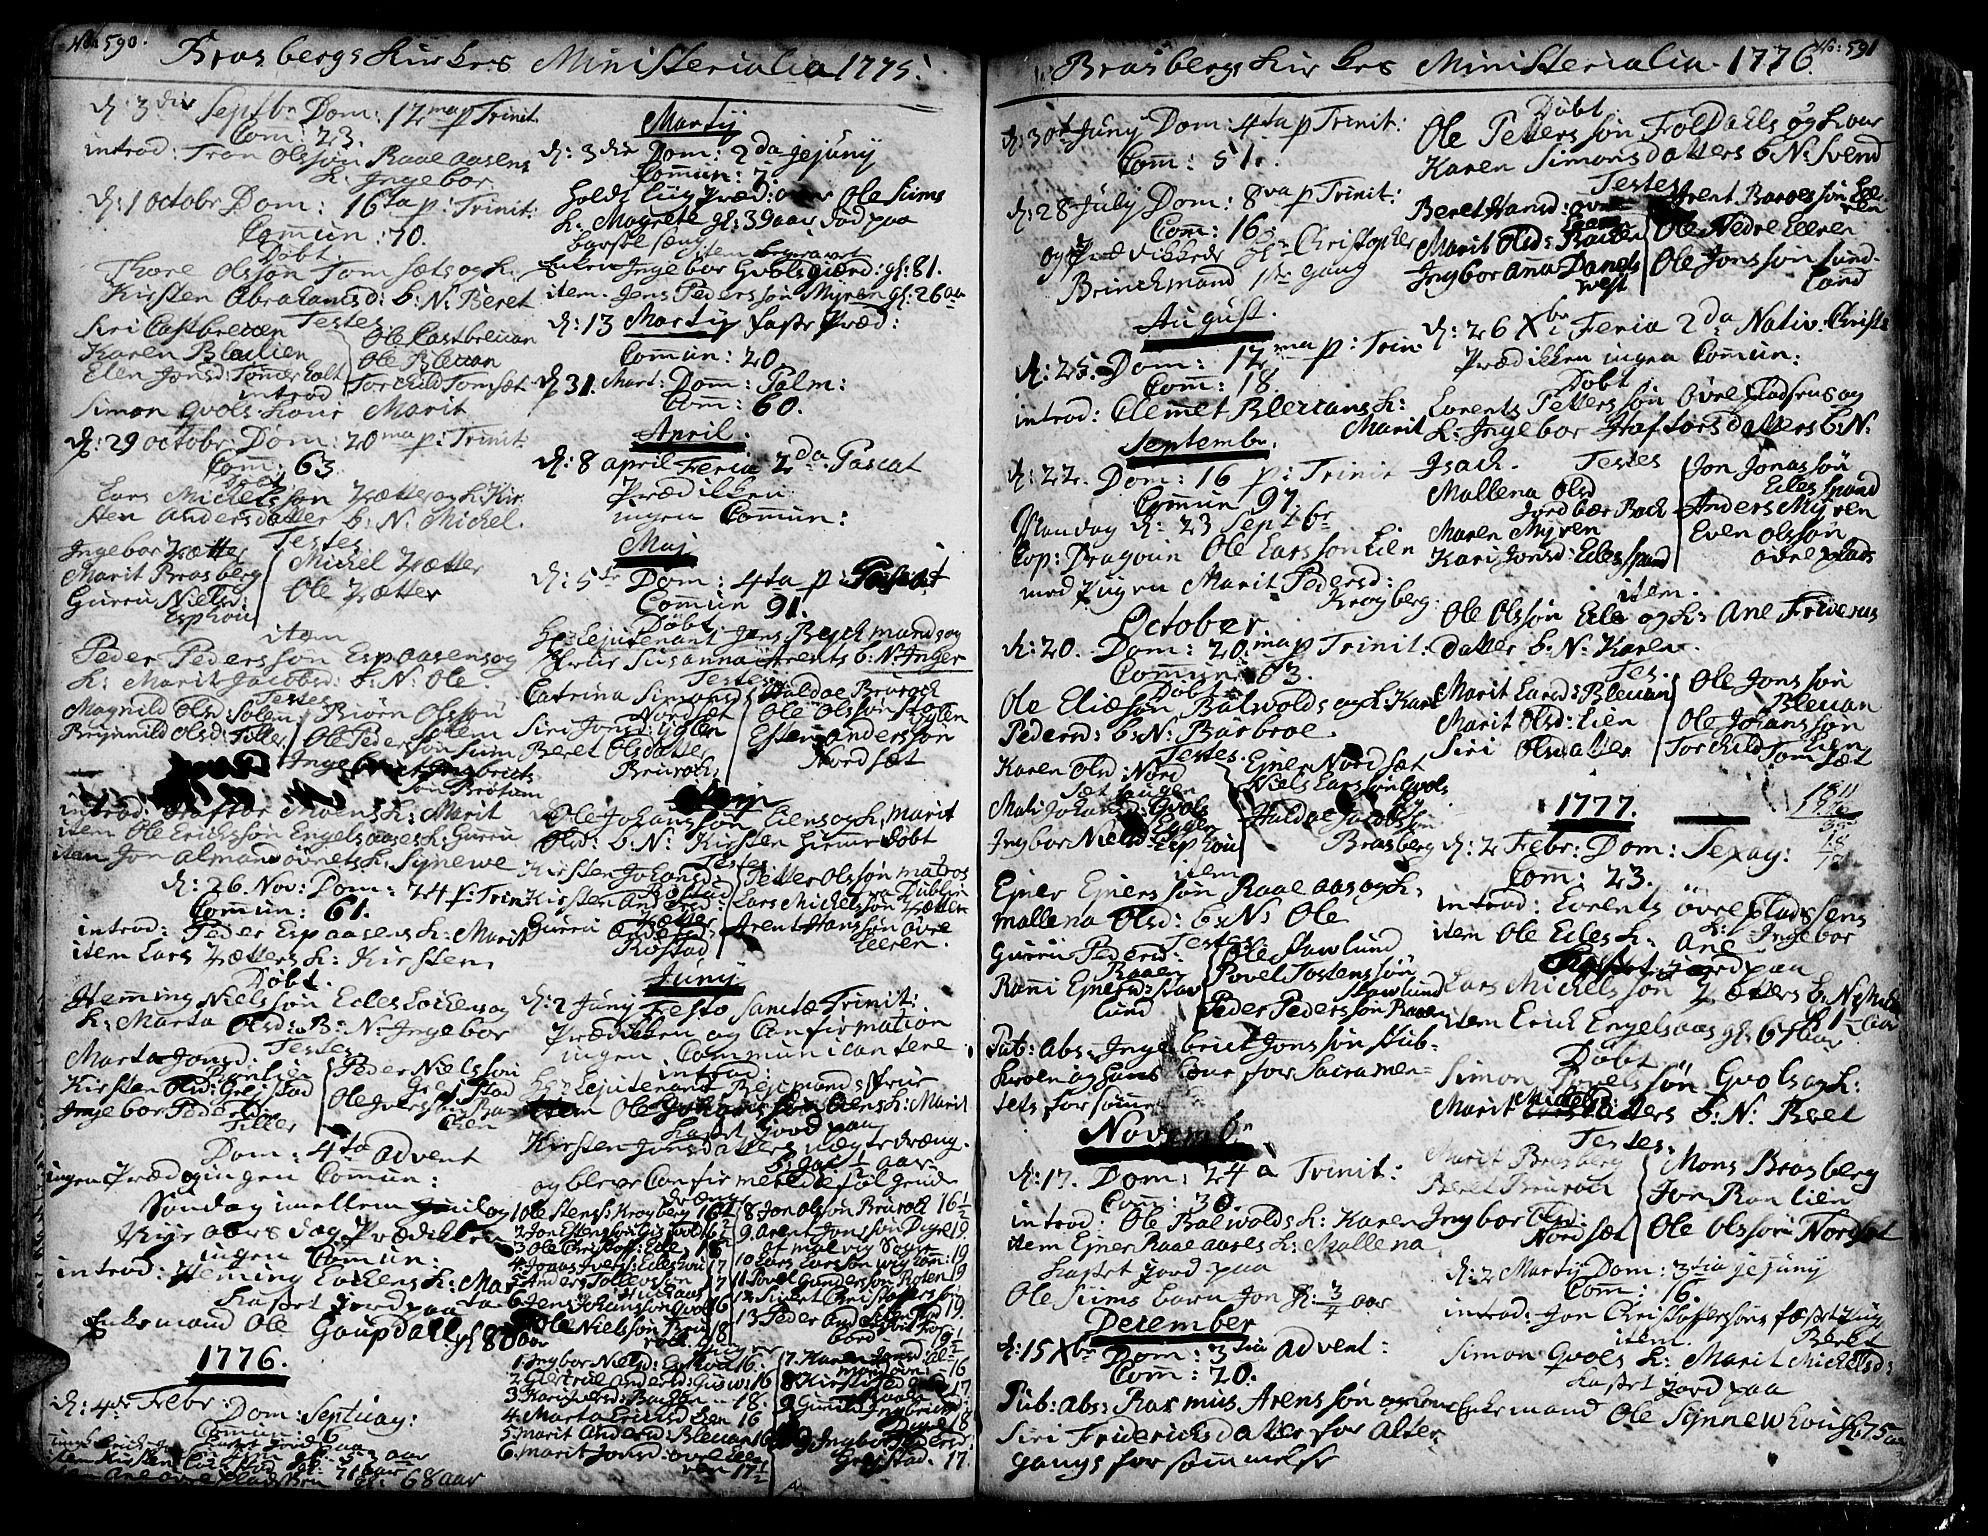 SAT, Ministerialprotokoller, klokkerbøker og fødselsregistre - Sør-Trøndelag, 606/L0278: Ministerialbok nr. 606A01 /4, 1727-1780, s. 590-591